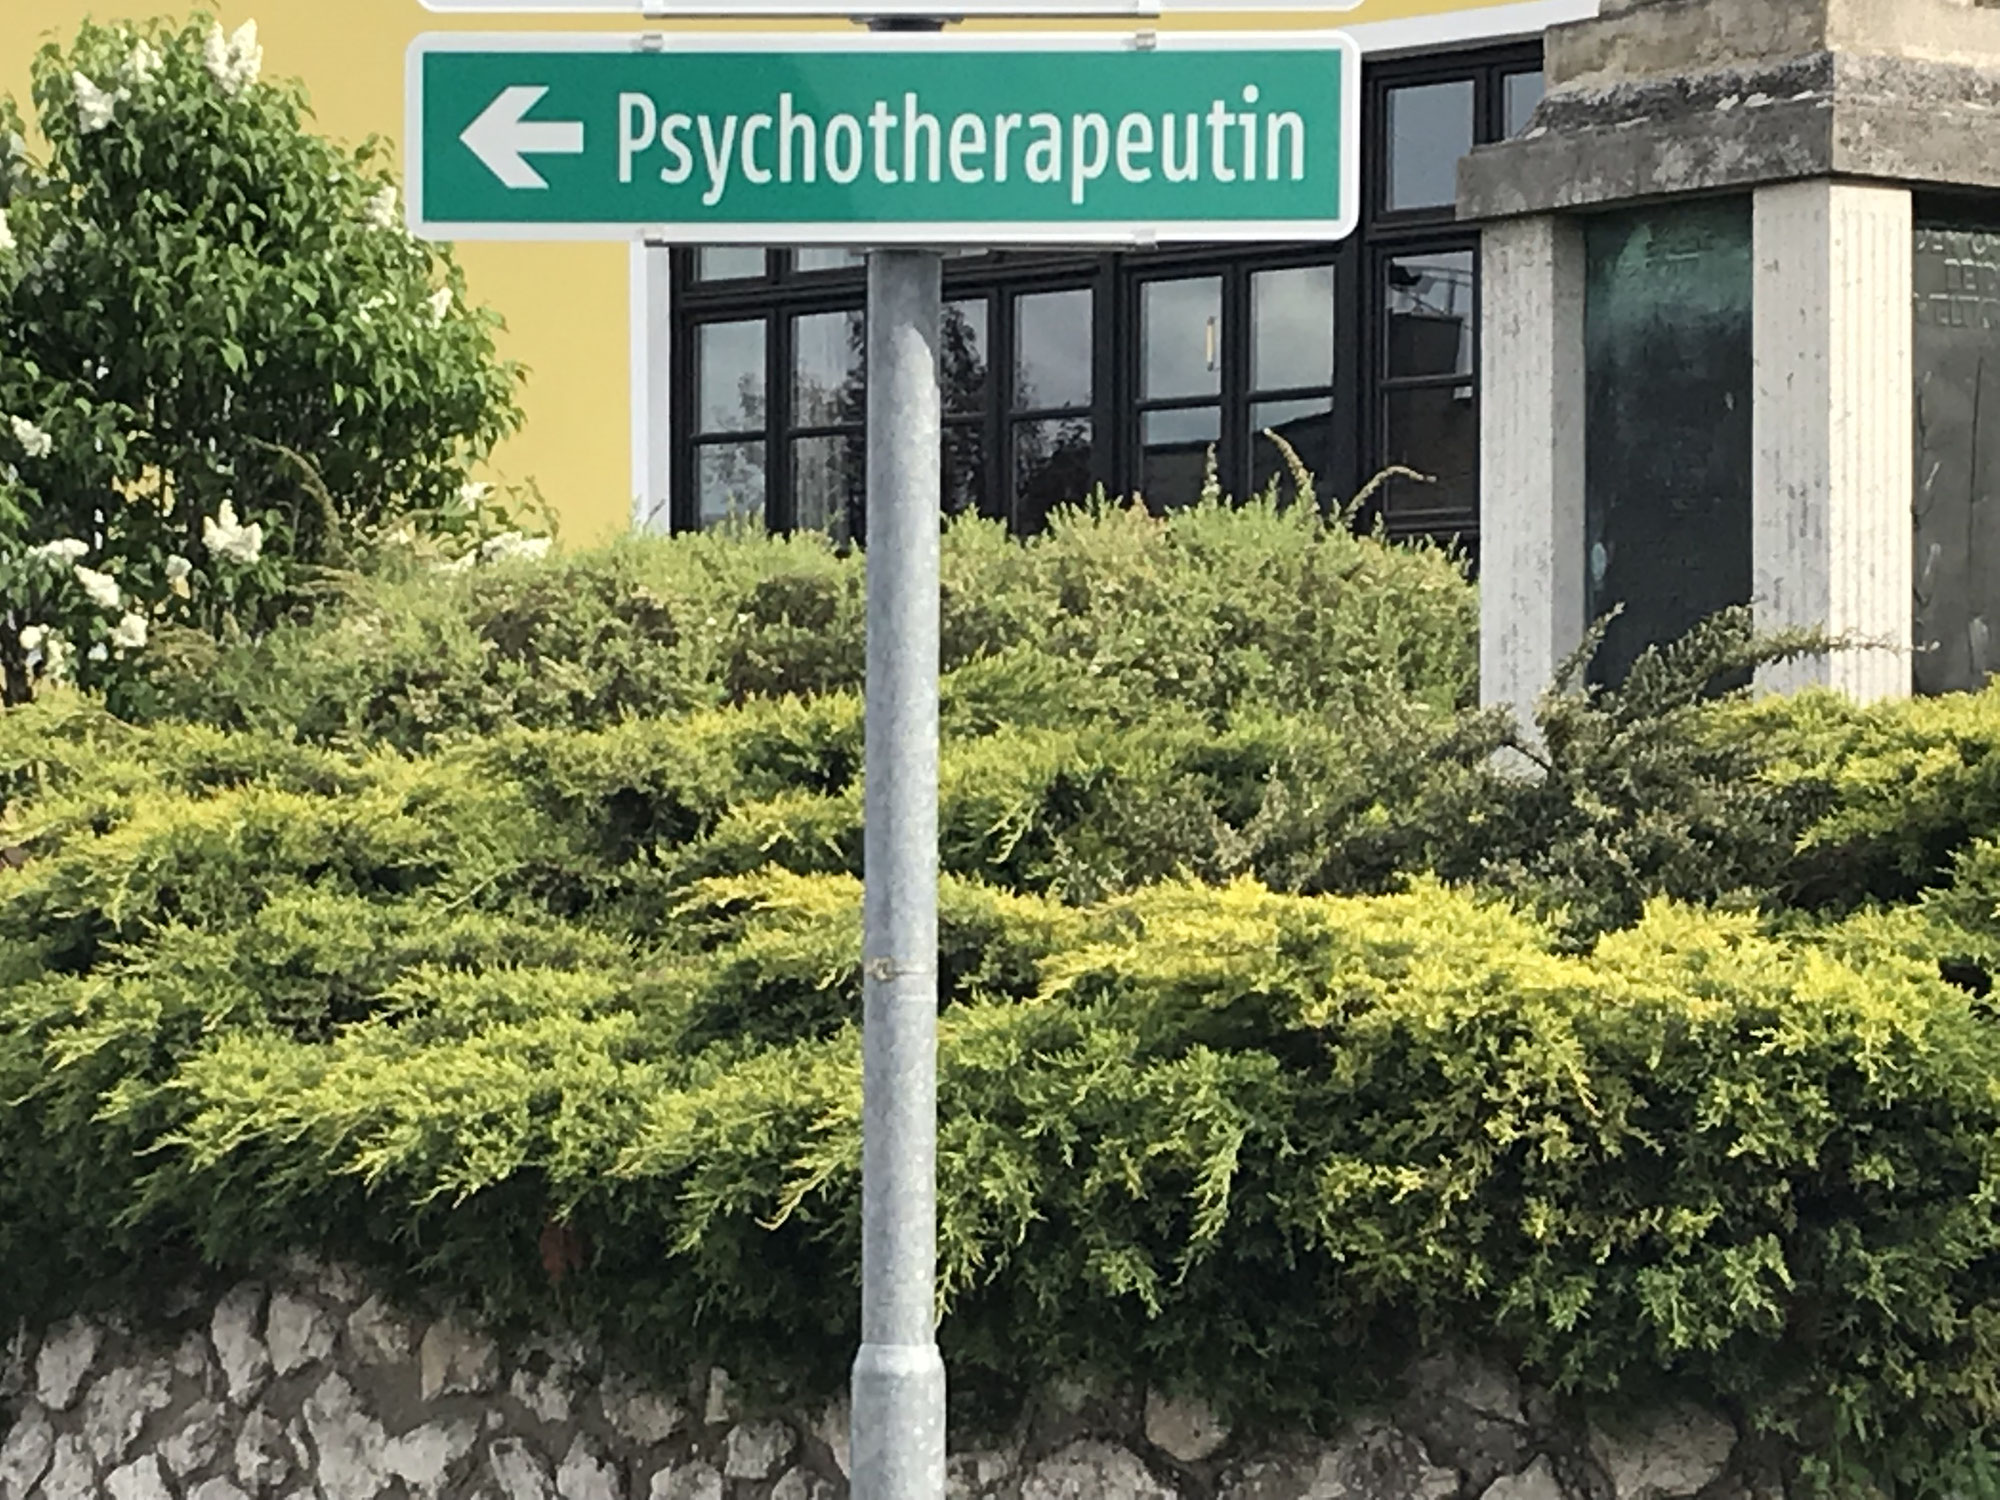 Auf dem Weg zur Psychotherapie?